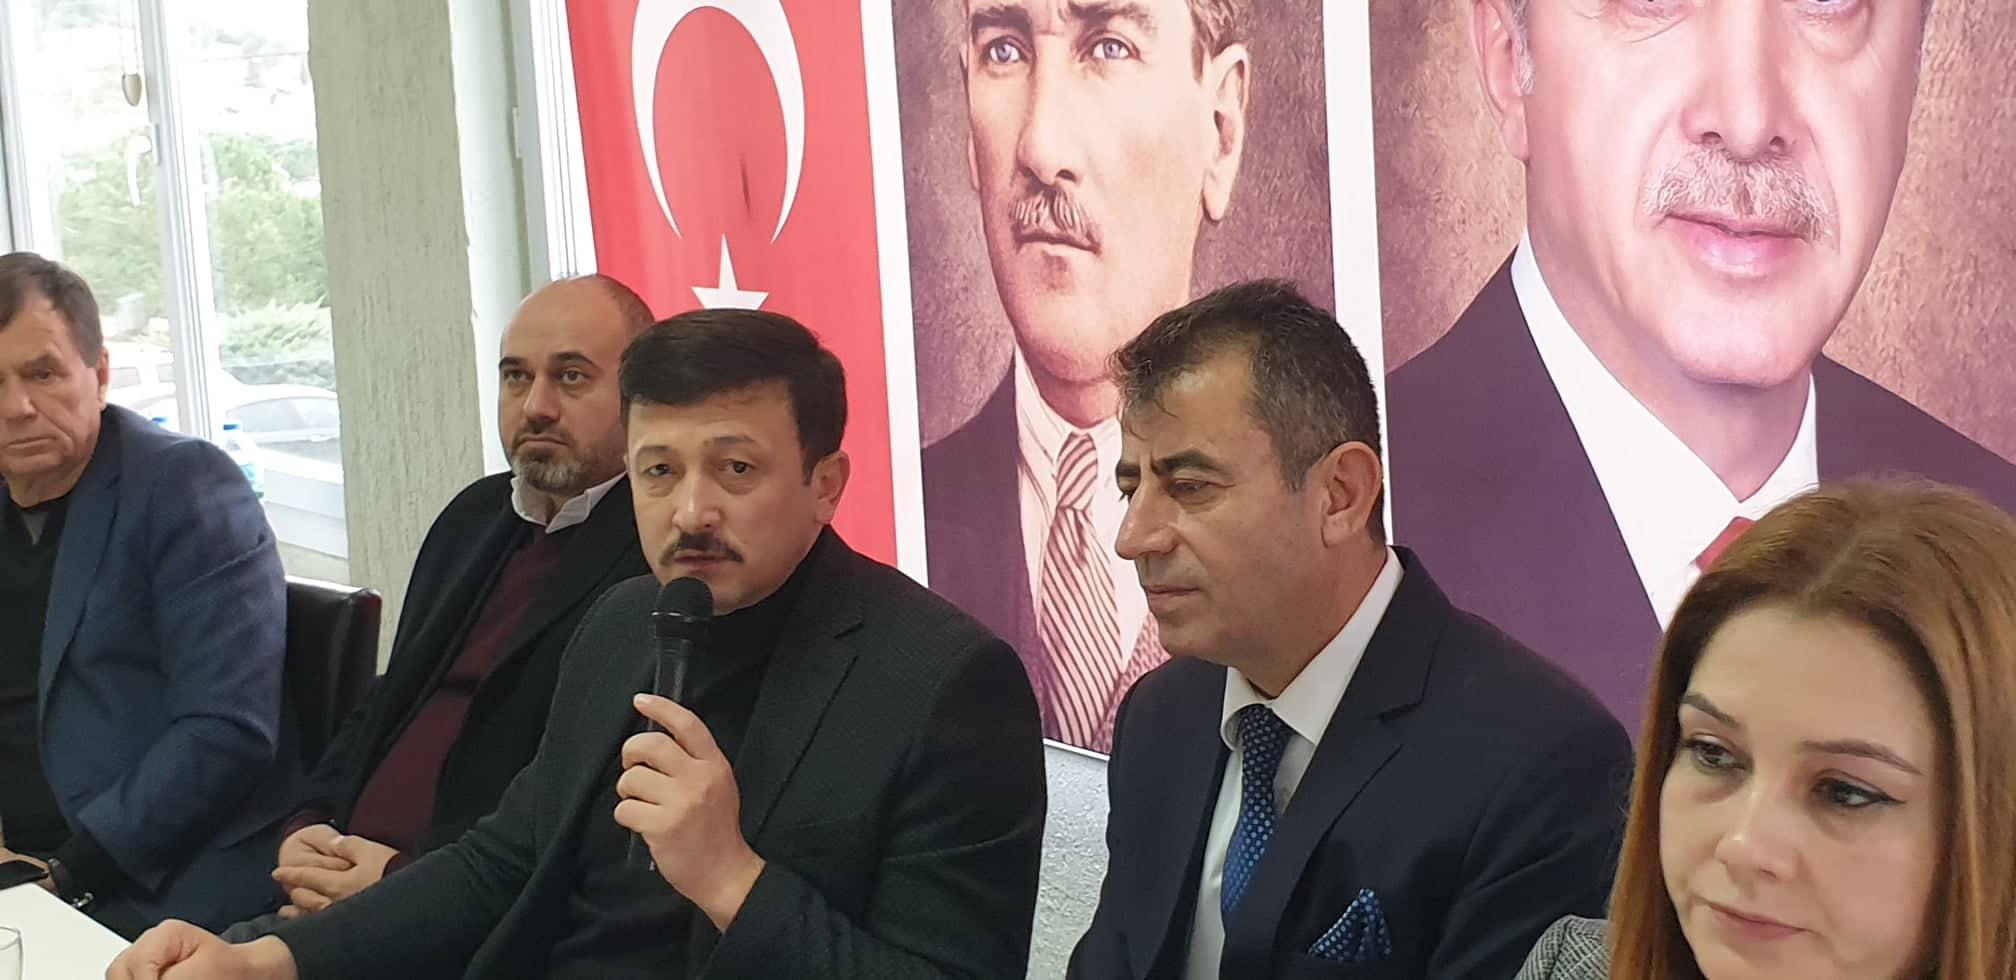 HAMZA DAĞ'A, ALİAĞA'NIN ÖNEMLİ SORUNLARIYLA İLGİLİ SORULAR SORDUK..